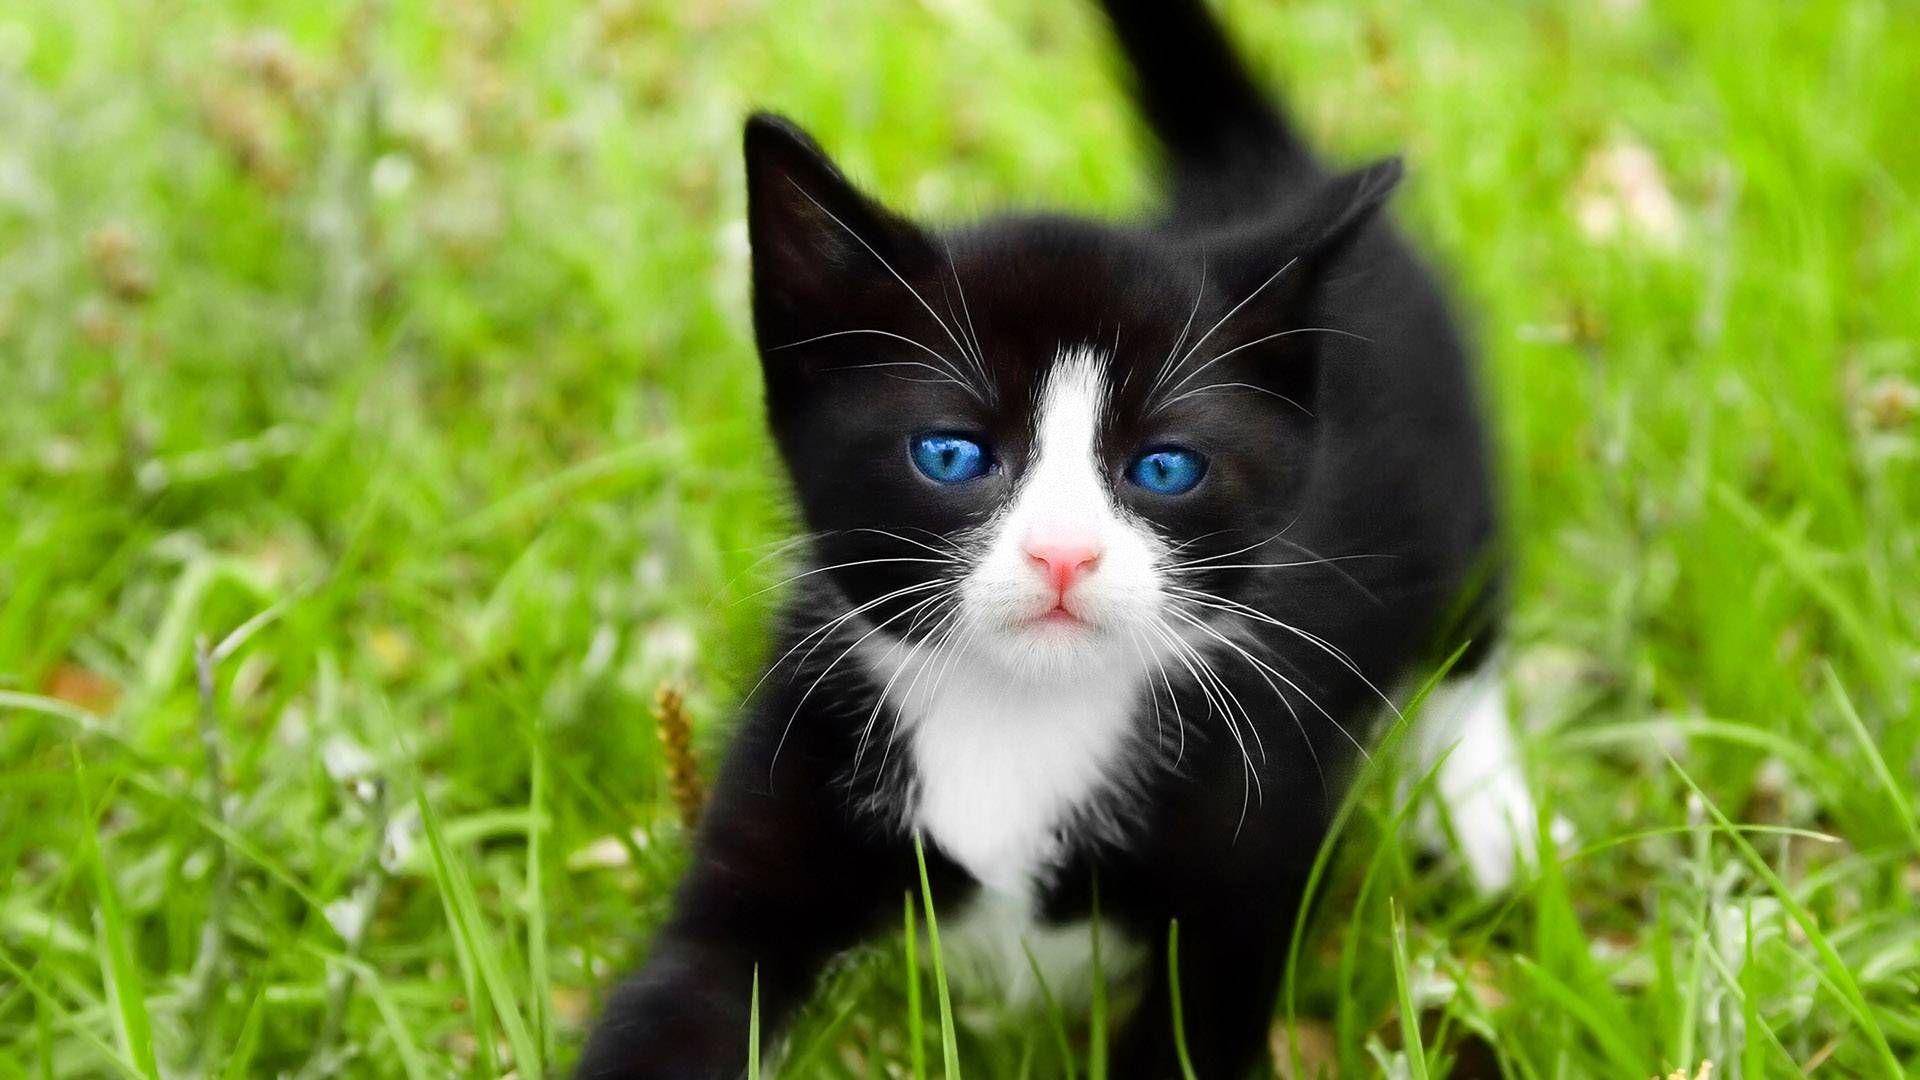 Cute Kittens Cats Photos